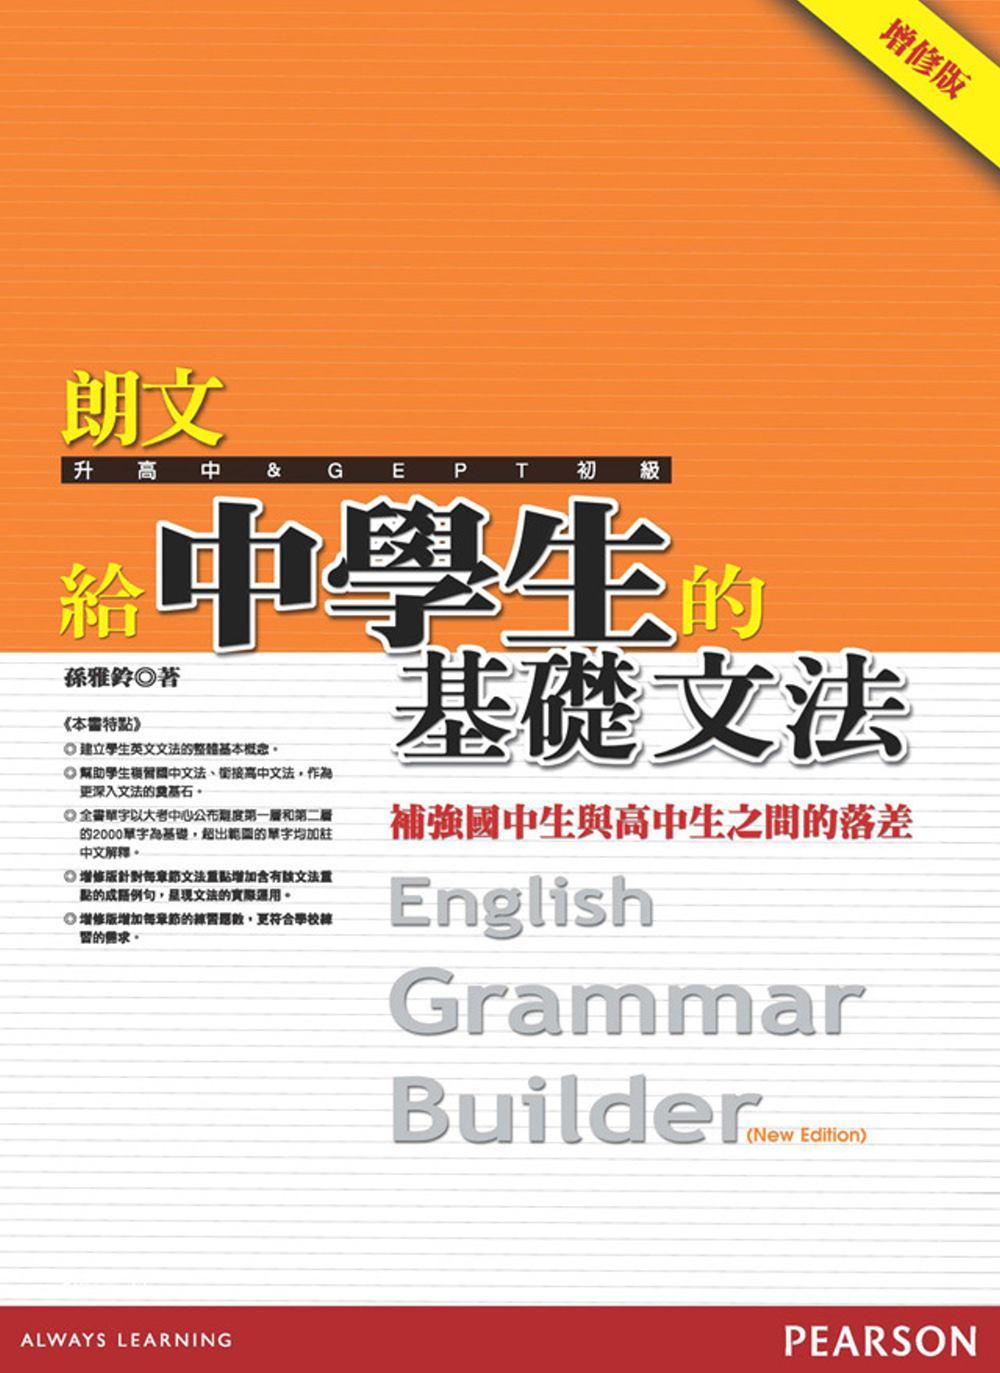 朗文給中學生的基礎文法(增修版)